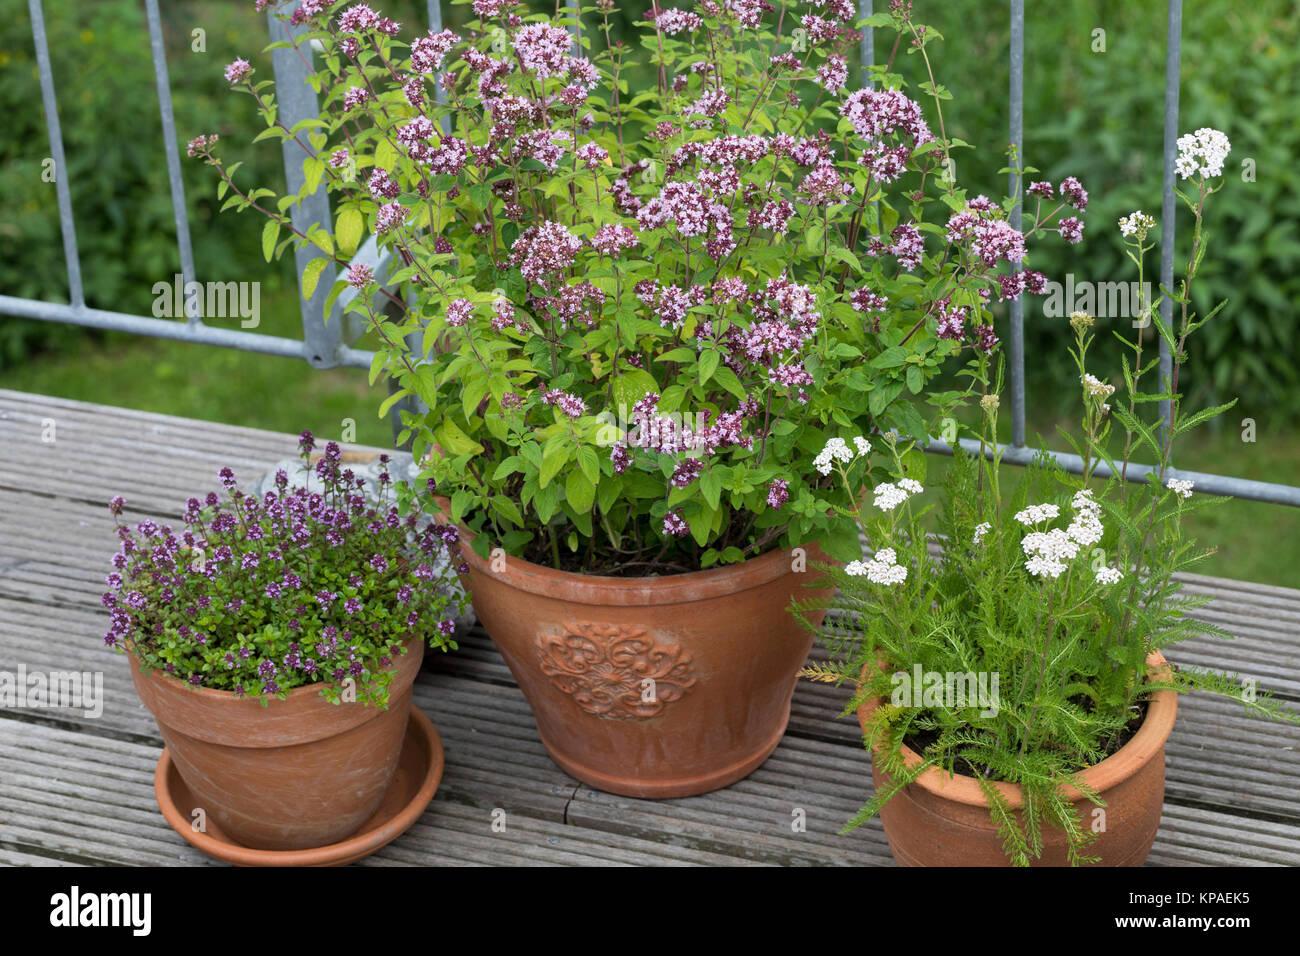 Wildkräuter in Töpfen, Topf, Blumentopf, Oregano, Schafgarbe, Thymian in Blumentöpfen auf einem Balkon, - Stock Image